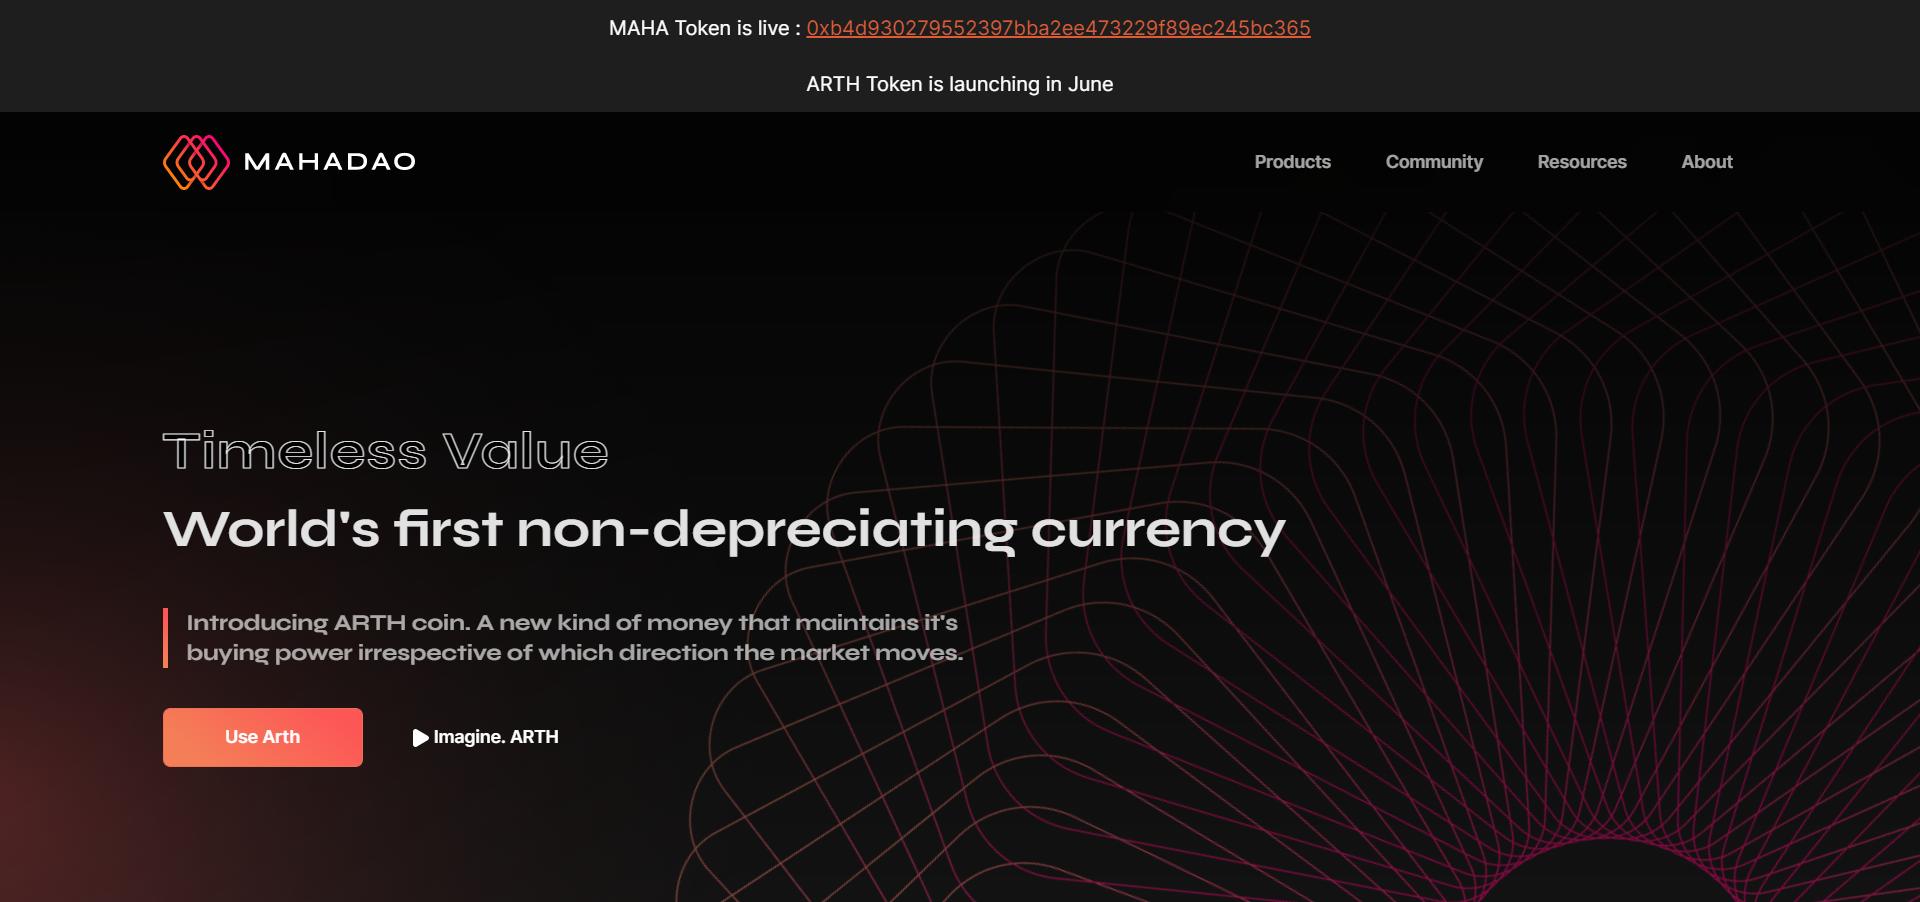 MahaDAO introduces ARTH valuecoin